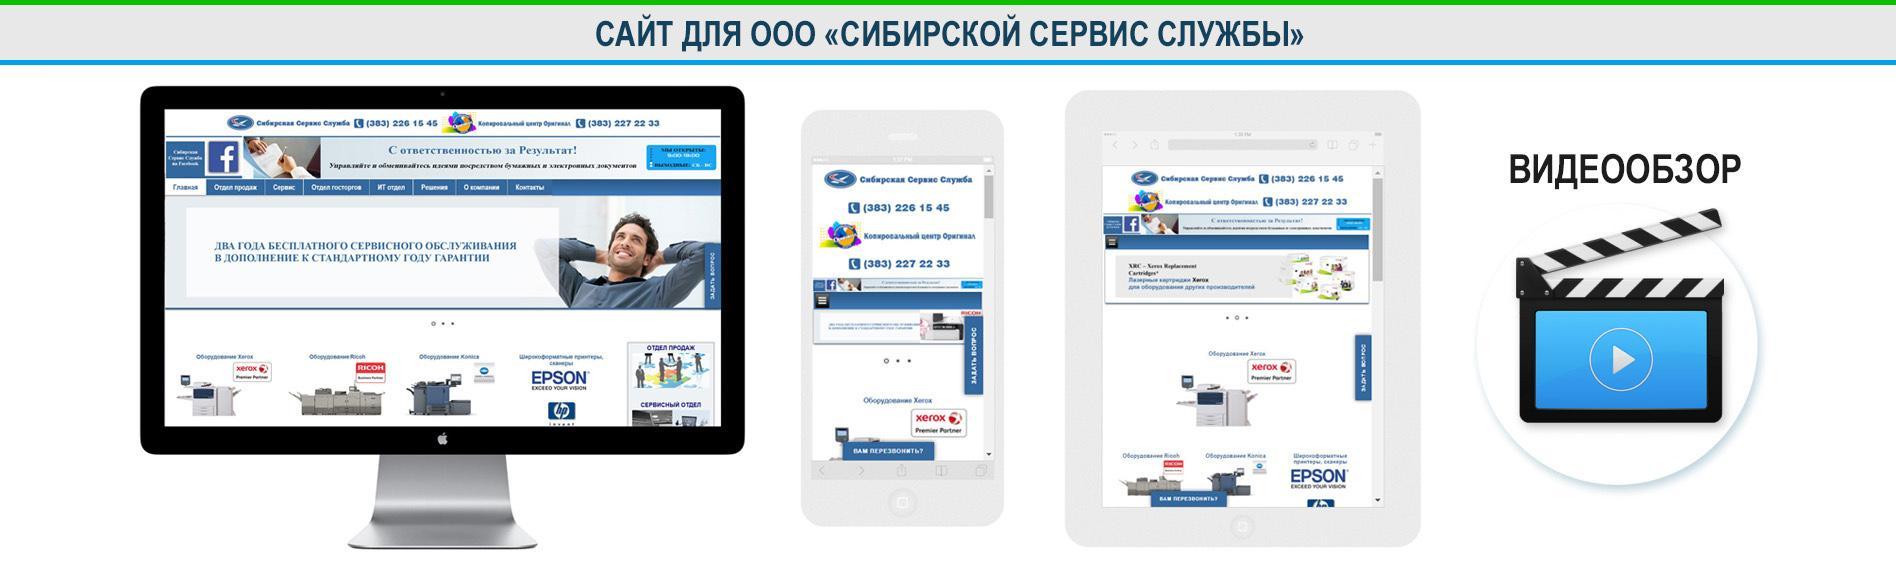 Поддержка продвижение сайтов ext seo продвижение сайтов в топ10